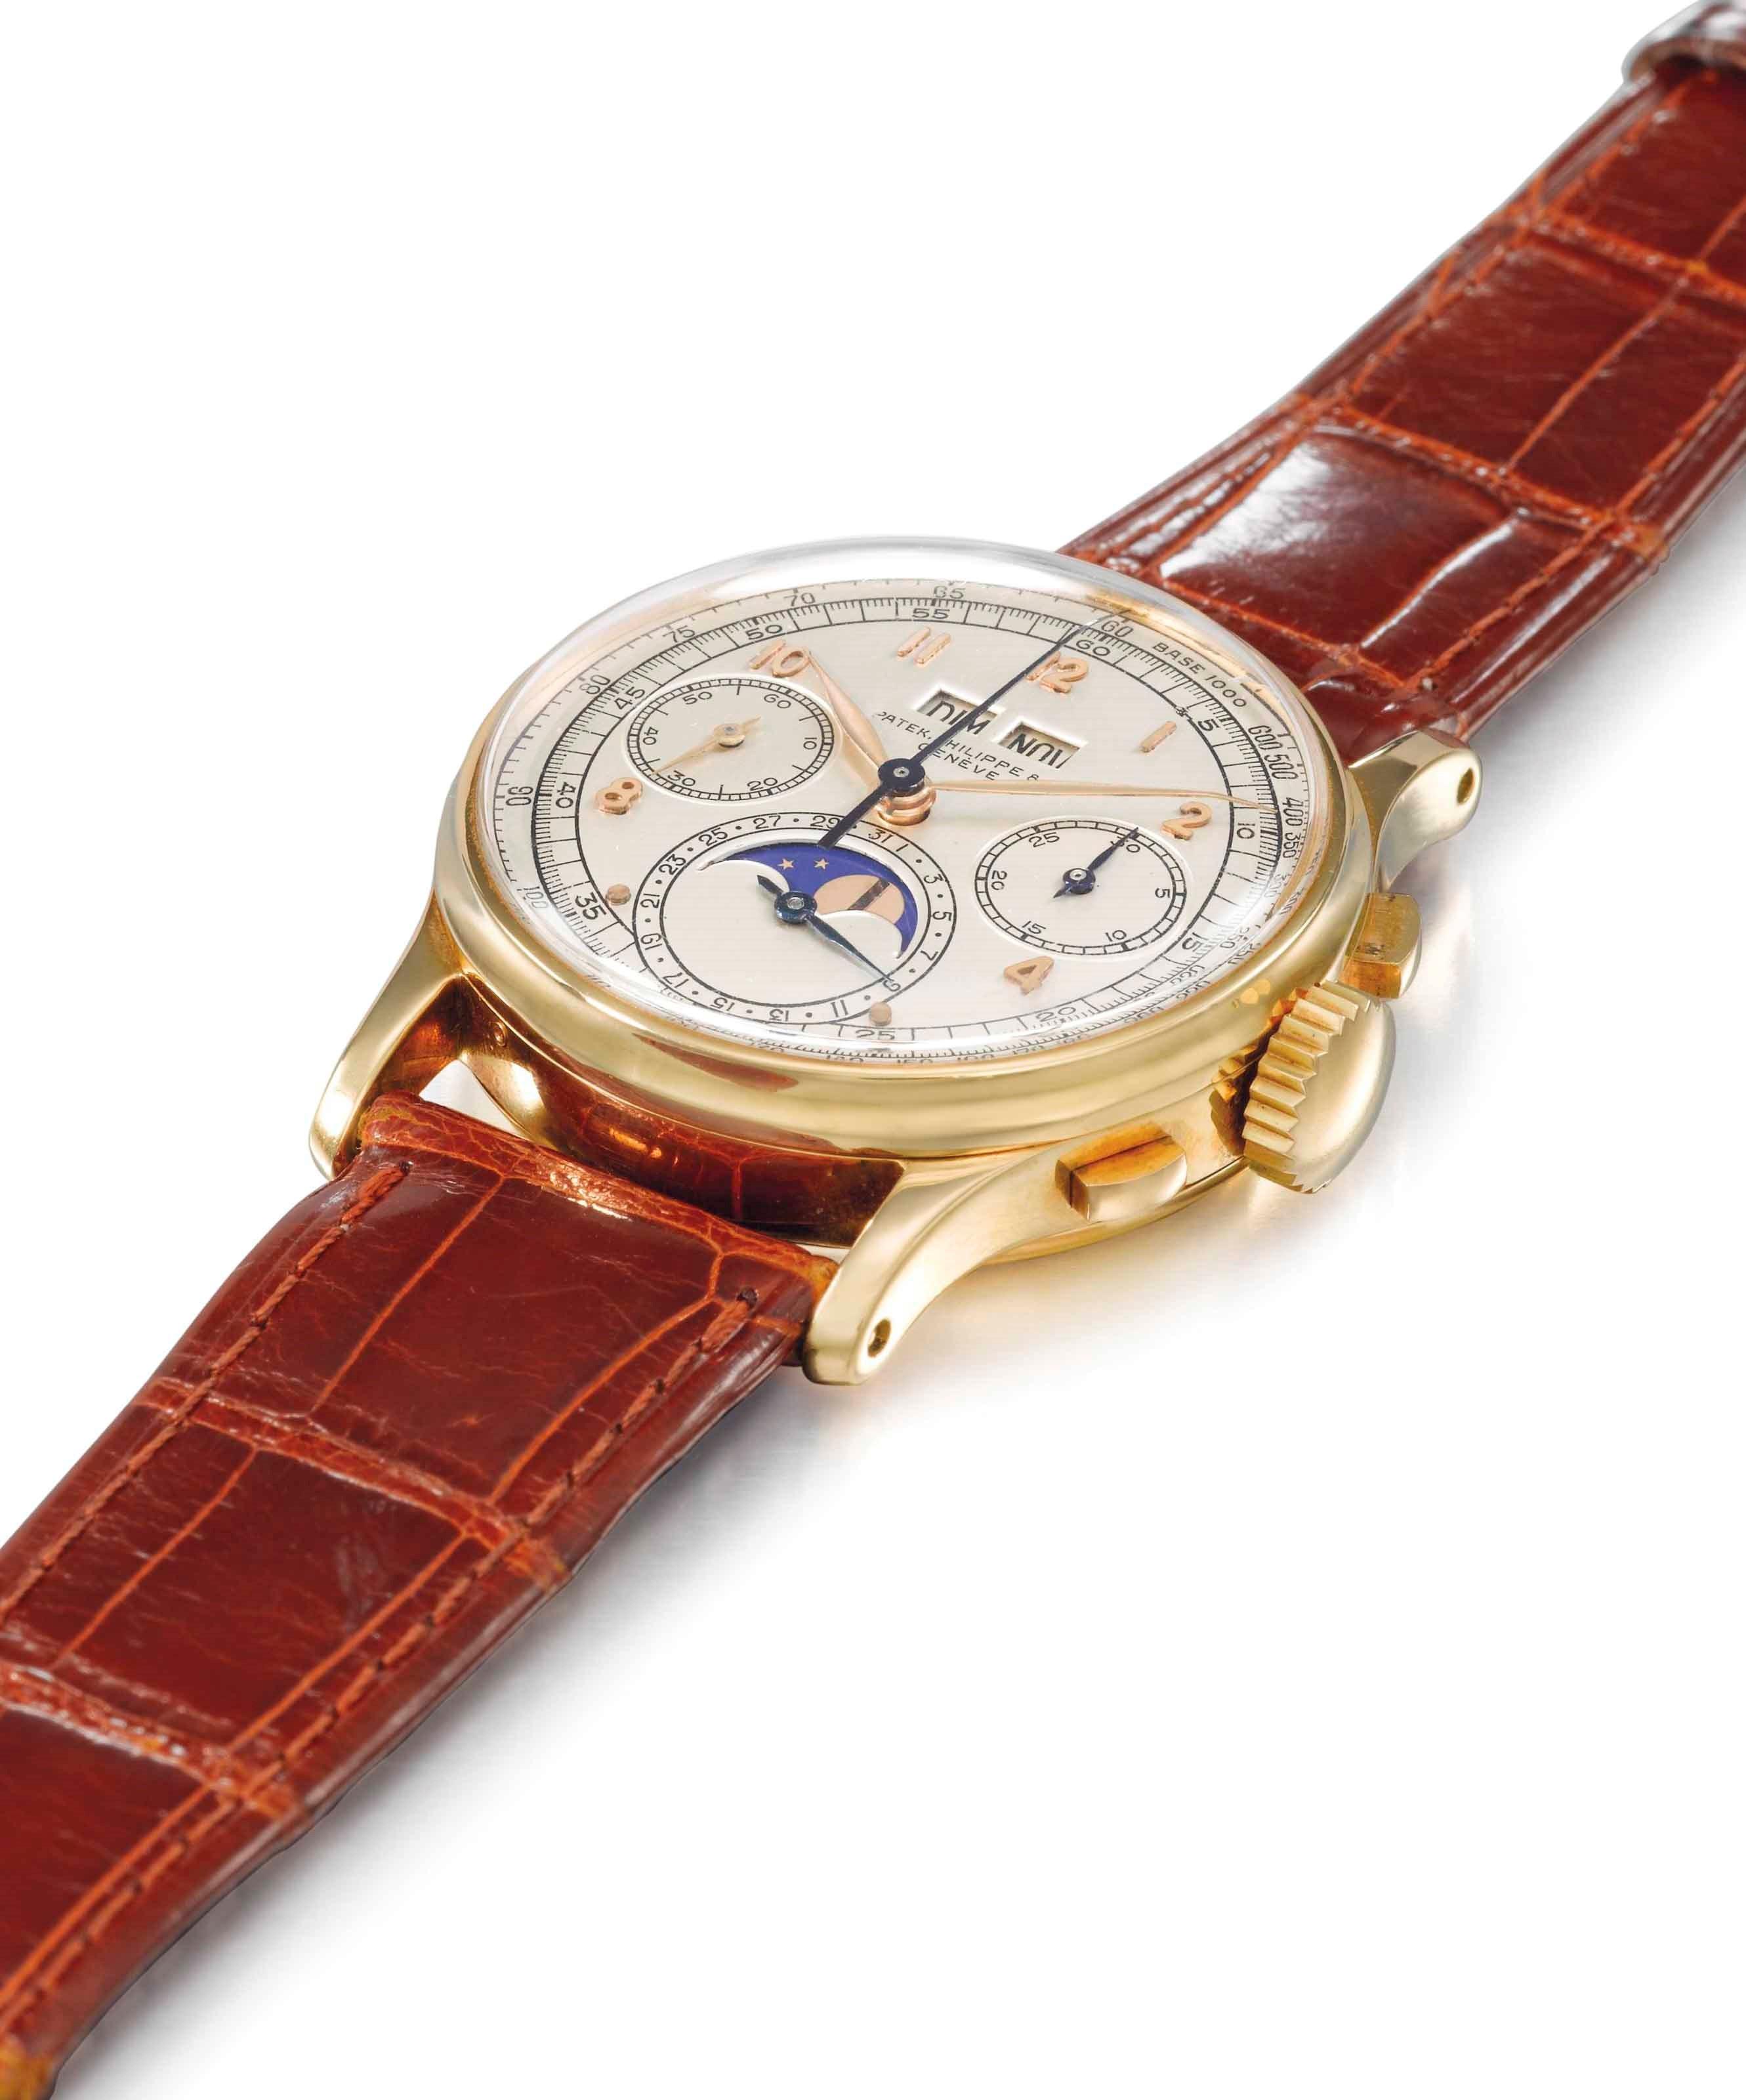 极为精致、罕见且历史悠久的18k金百达翡丽万年历计时腕表,显示月相盈亏,1944年制,直径35毫米。2014年11月9日在佳士得日内瓦以425,000瑞郎成交。